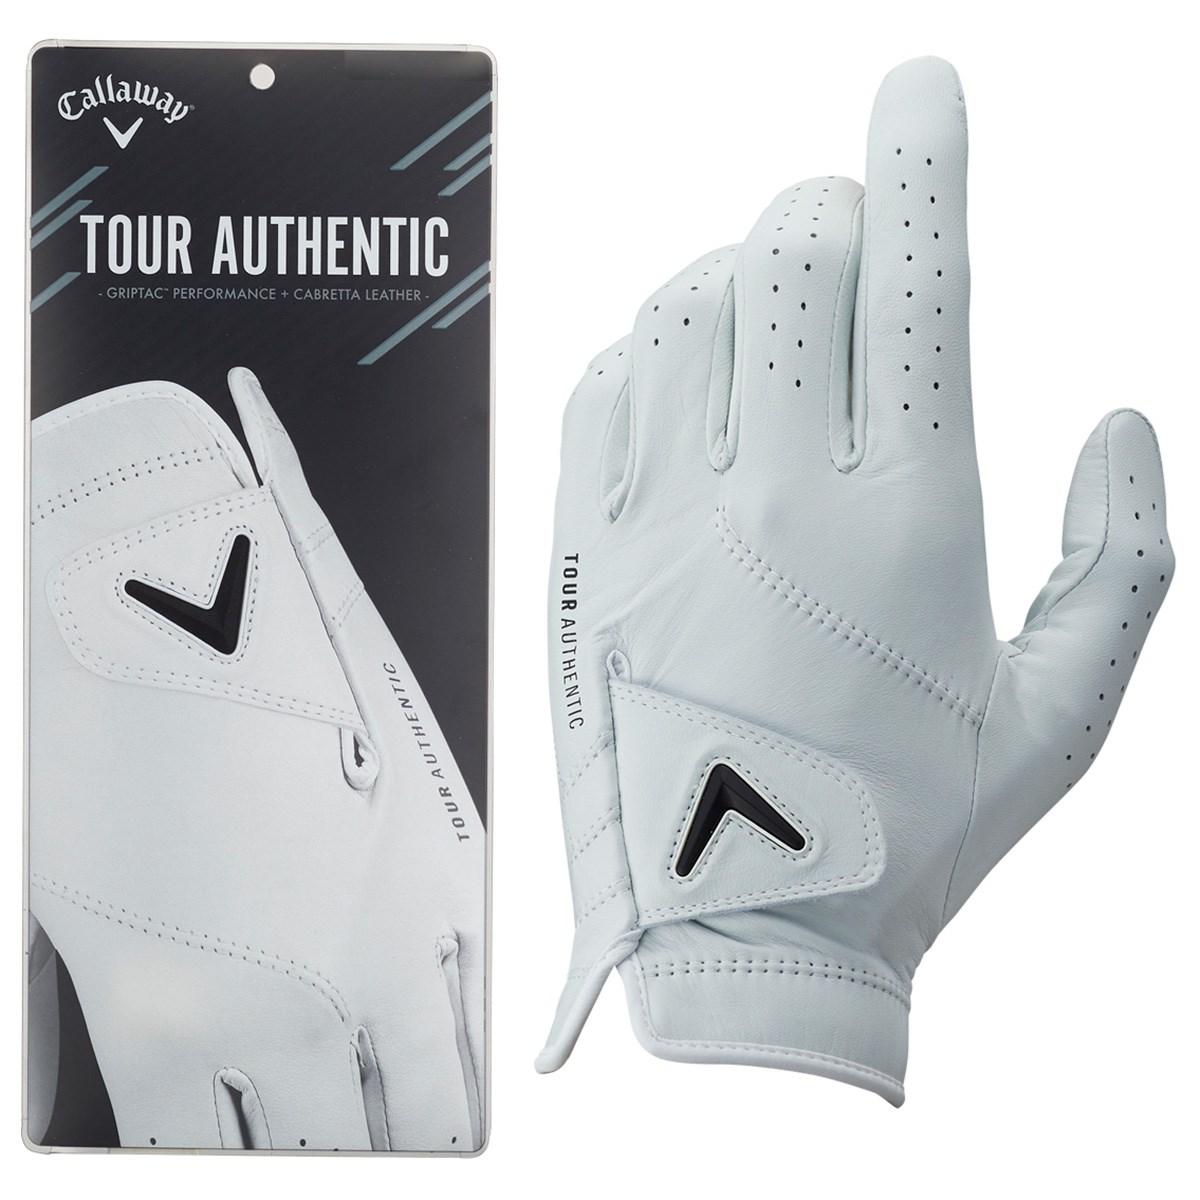 キャロウェイゴルフ Callaway Golf TOUR AUTHENTIC JV グローブ 23cm 左手着用(右利き用) ホワイト